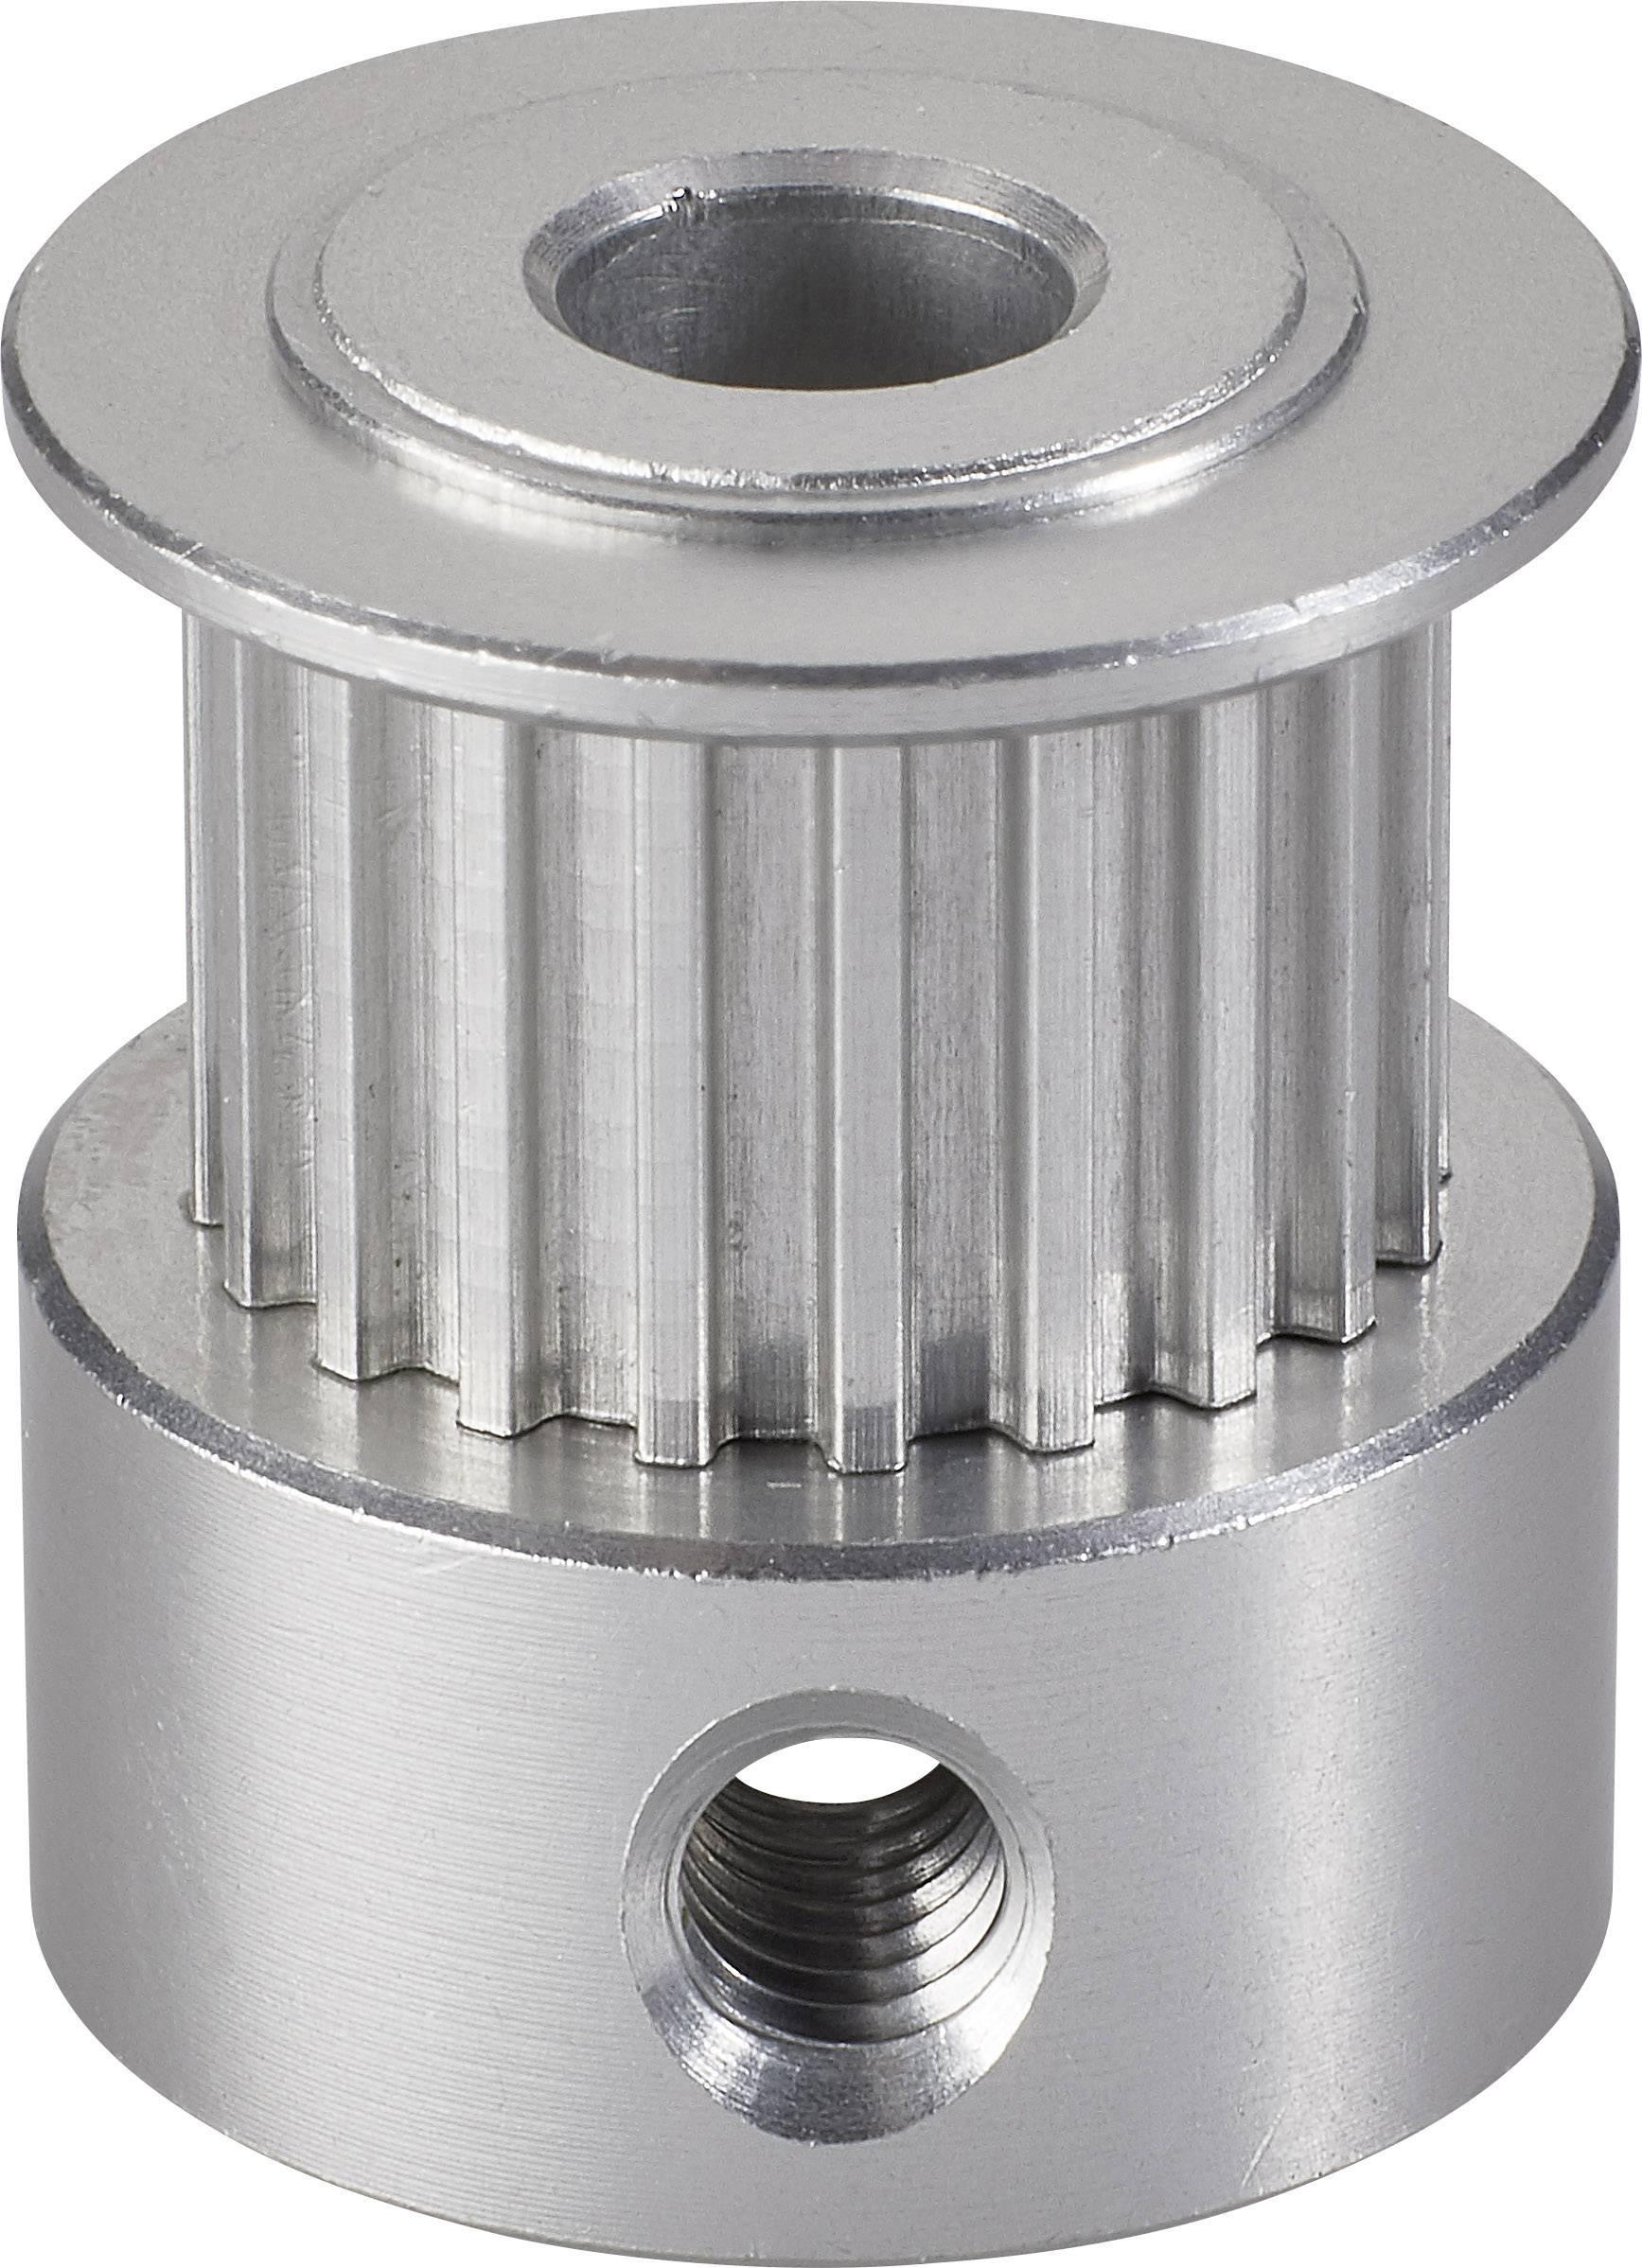 Náhradné ozubené koliesko Renkforce vhodné pre 3D tlačiareň renkforce RF100, renkforce RF100 v2, zdokonalená verzia